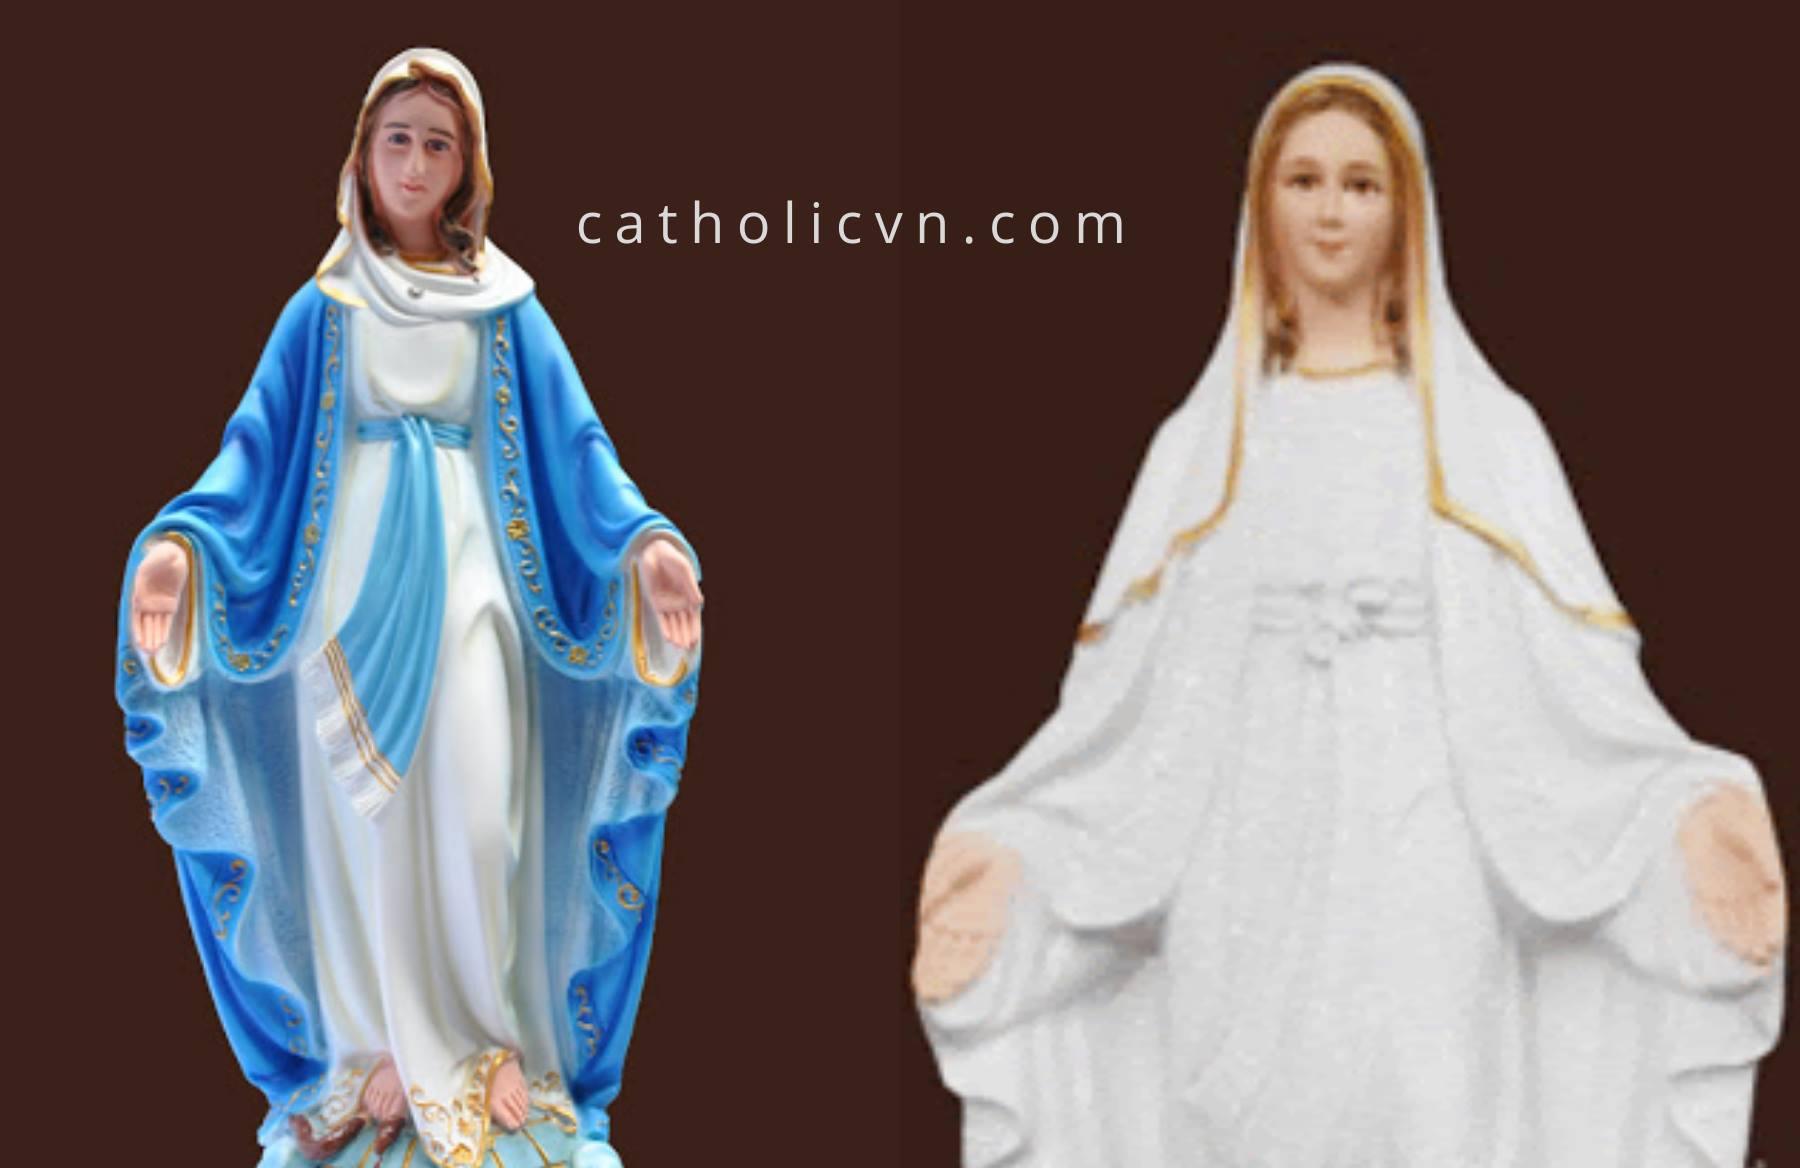 Tượng Công Giáo Văn Chương – Tượng Chúa, Đức Mẹ đẹp giá rẻ